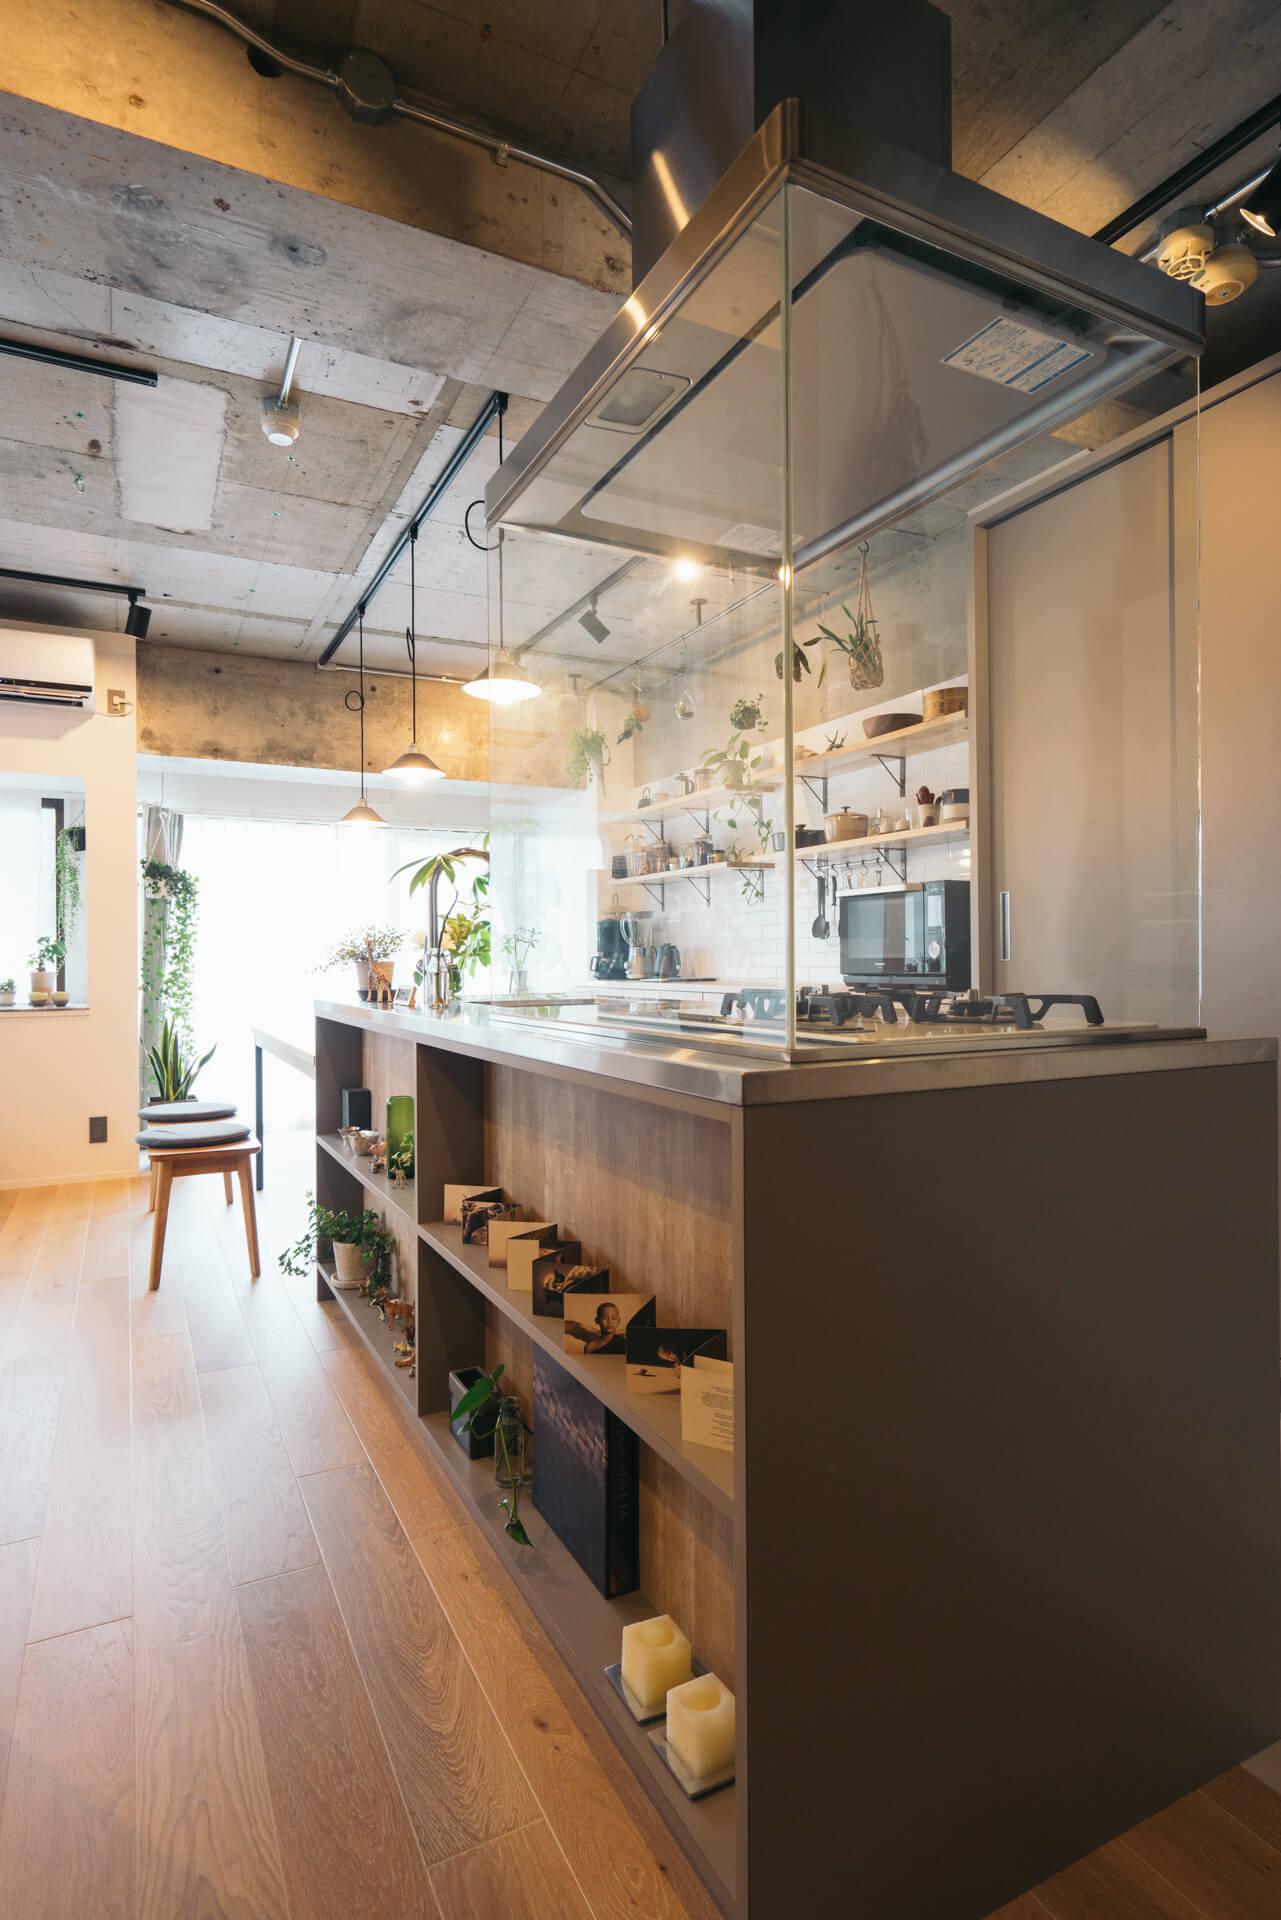 お部屋の中でも、キッチンは一番こだわったポイント。